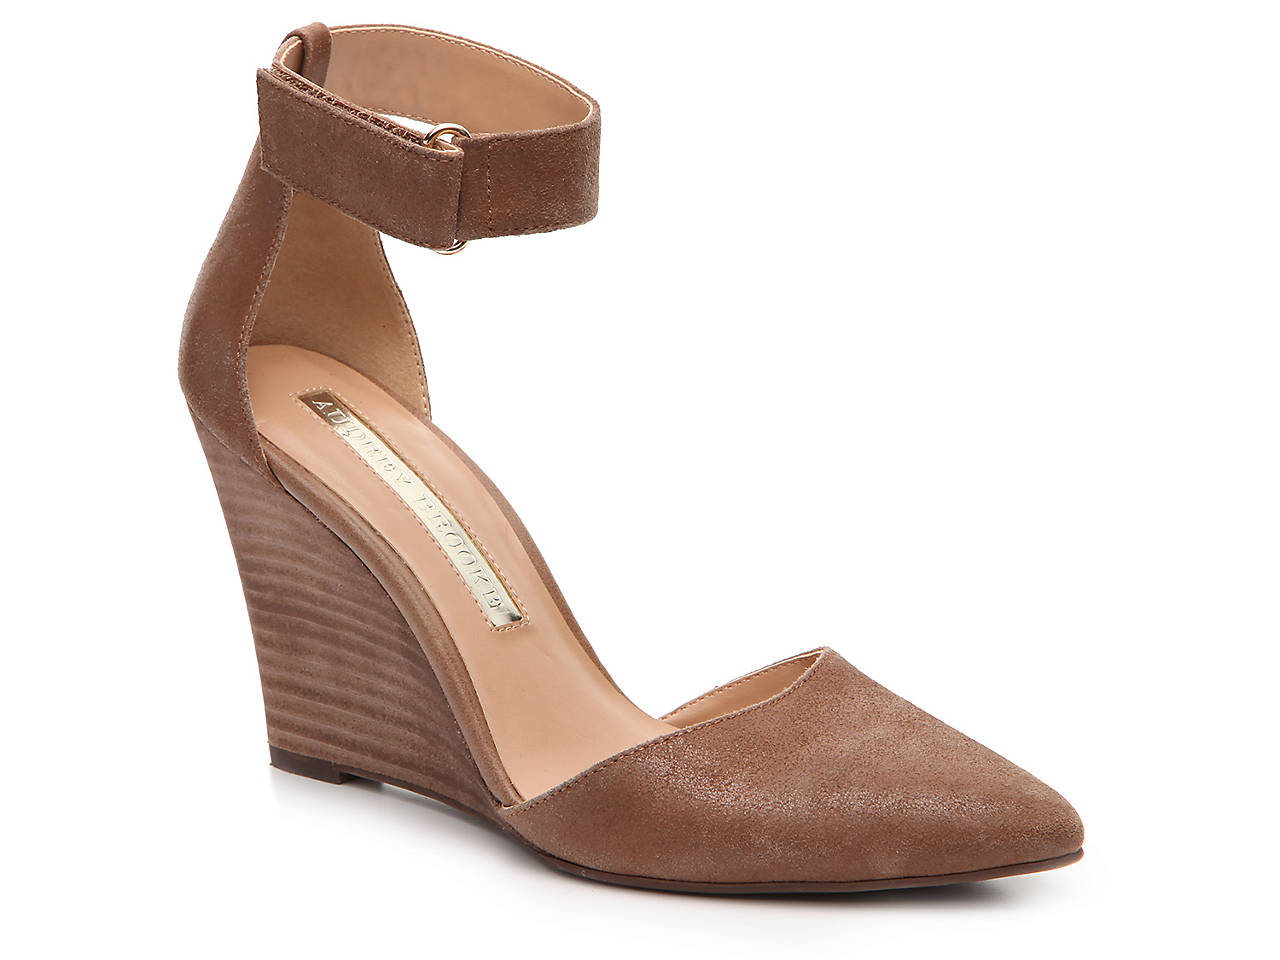 59a19a16f94 Audrey Brooke Esther Wedge Pump Men s Shoes